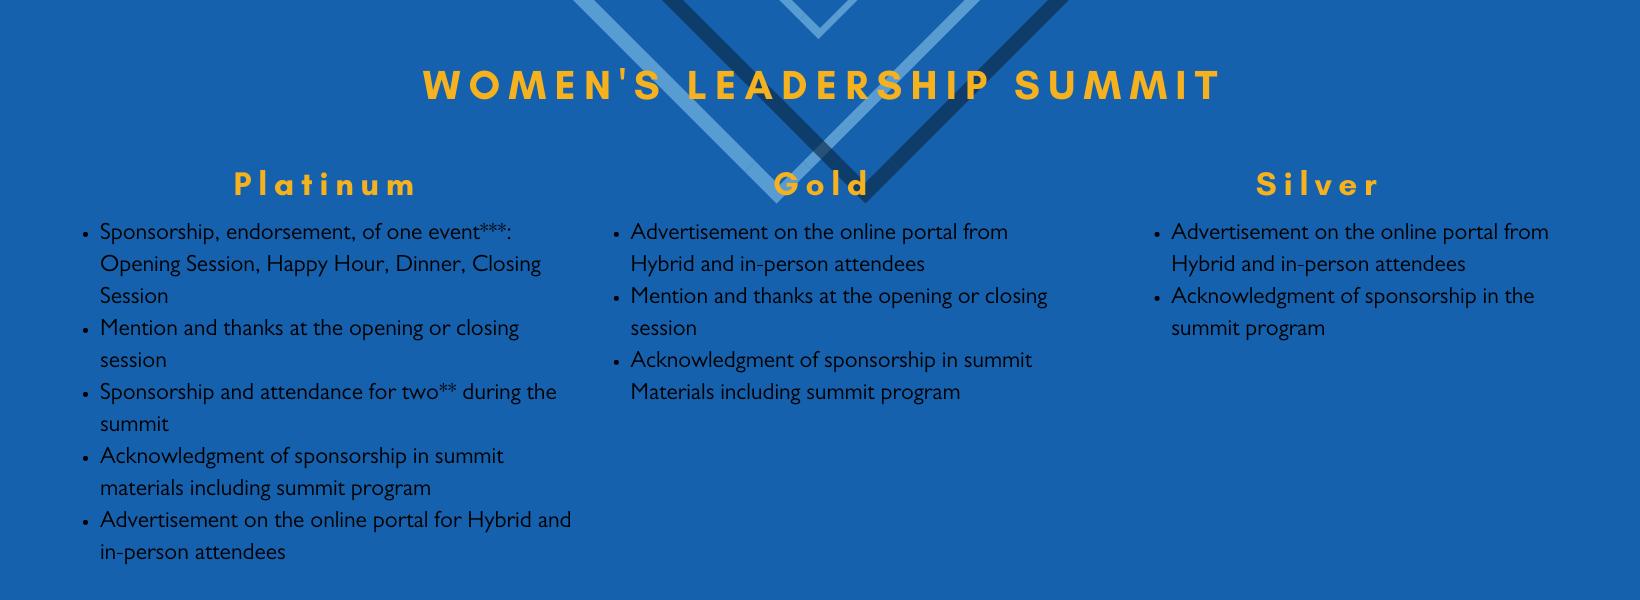 Womens leadership package